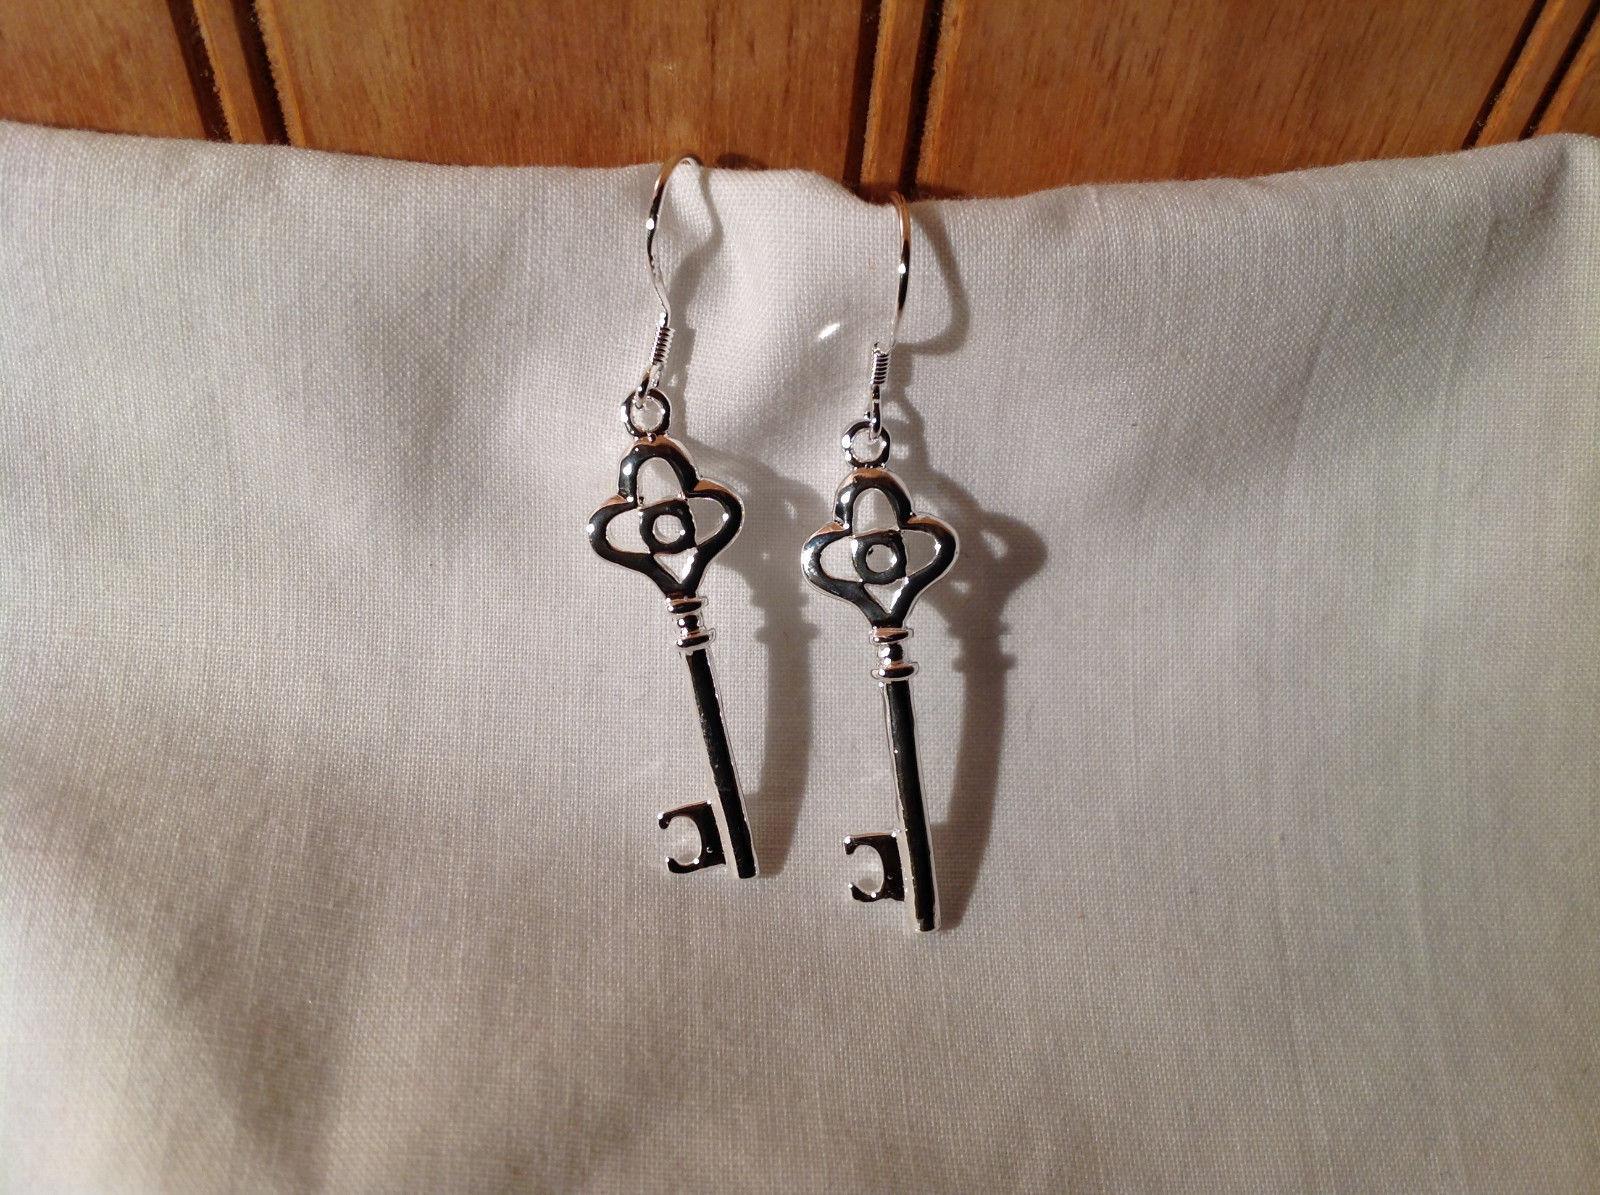 Stunning  Sterling Silver Plated Loop Design Key Dangling Earrings